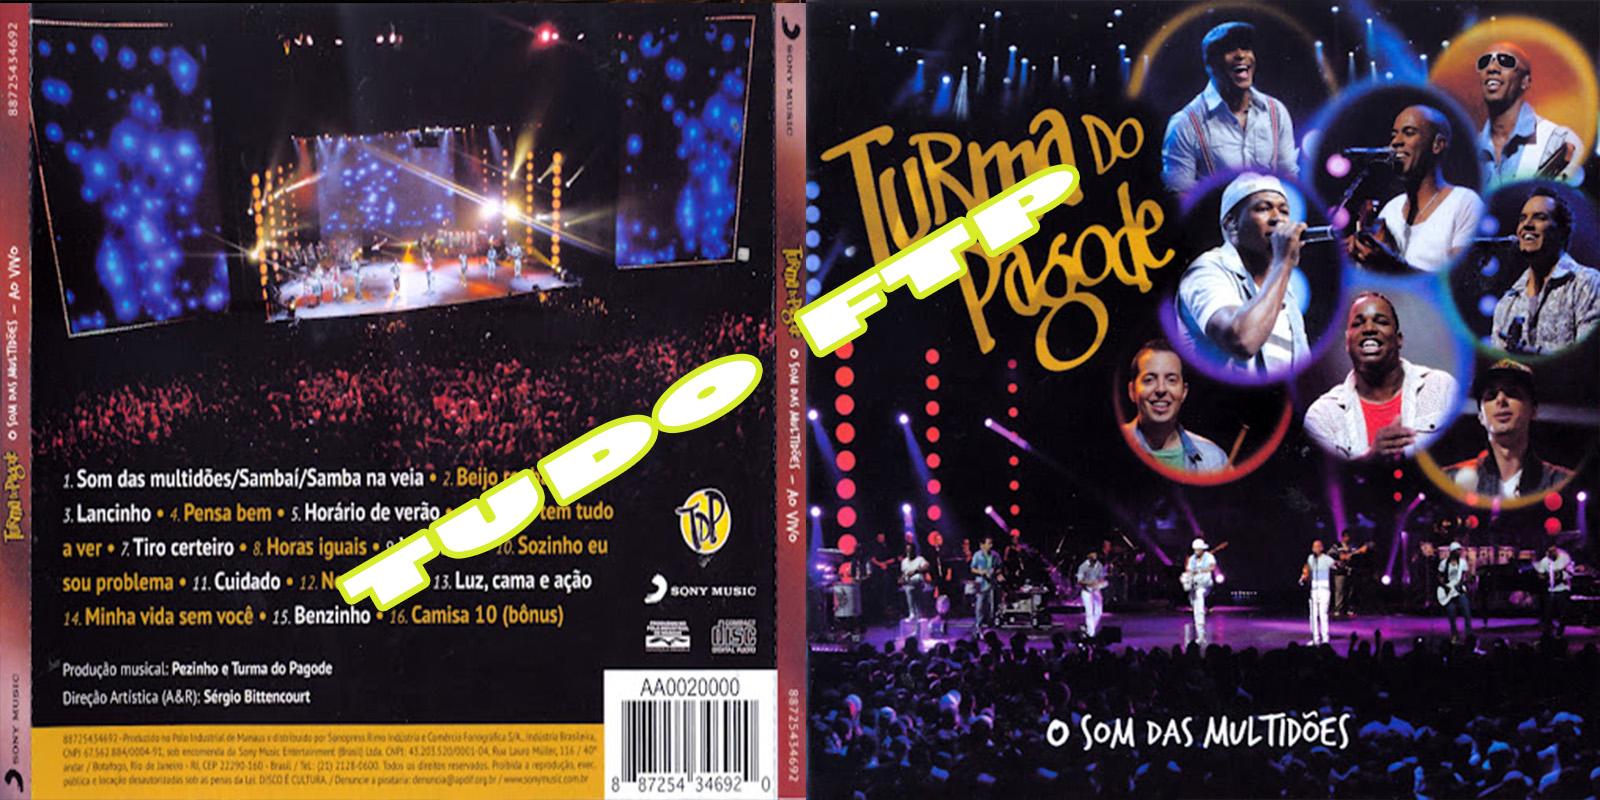 cd turma do pagode 2012 ao vivo